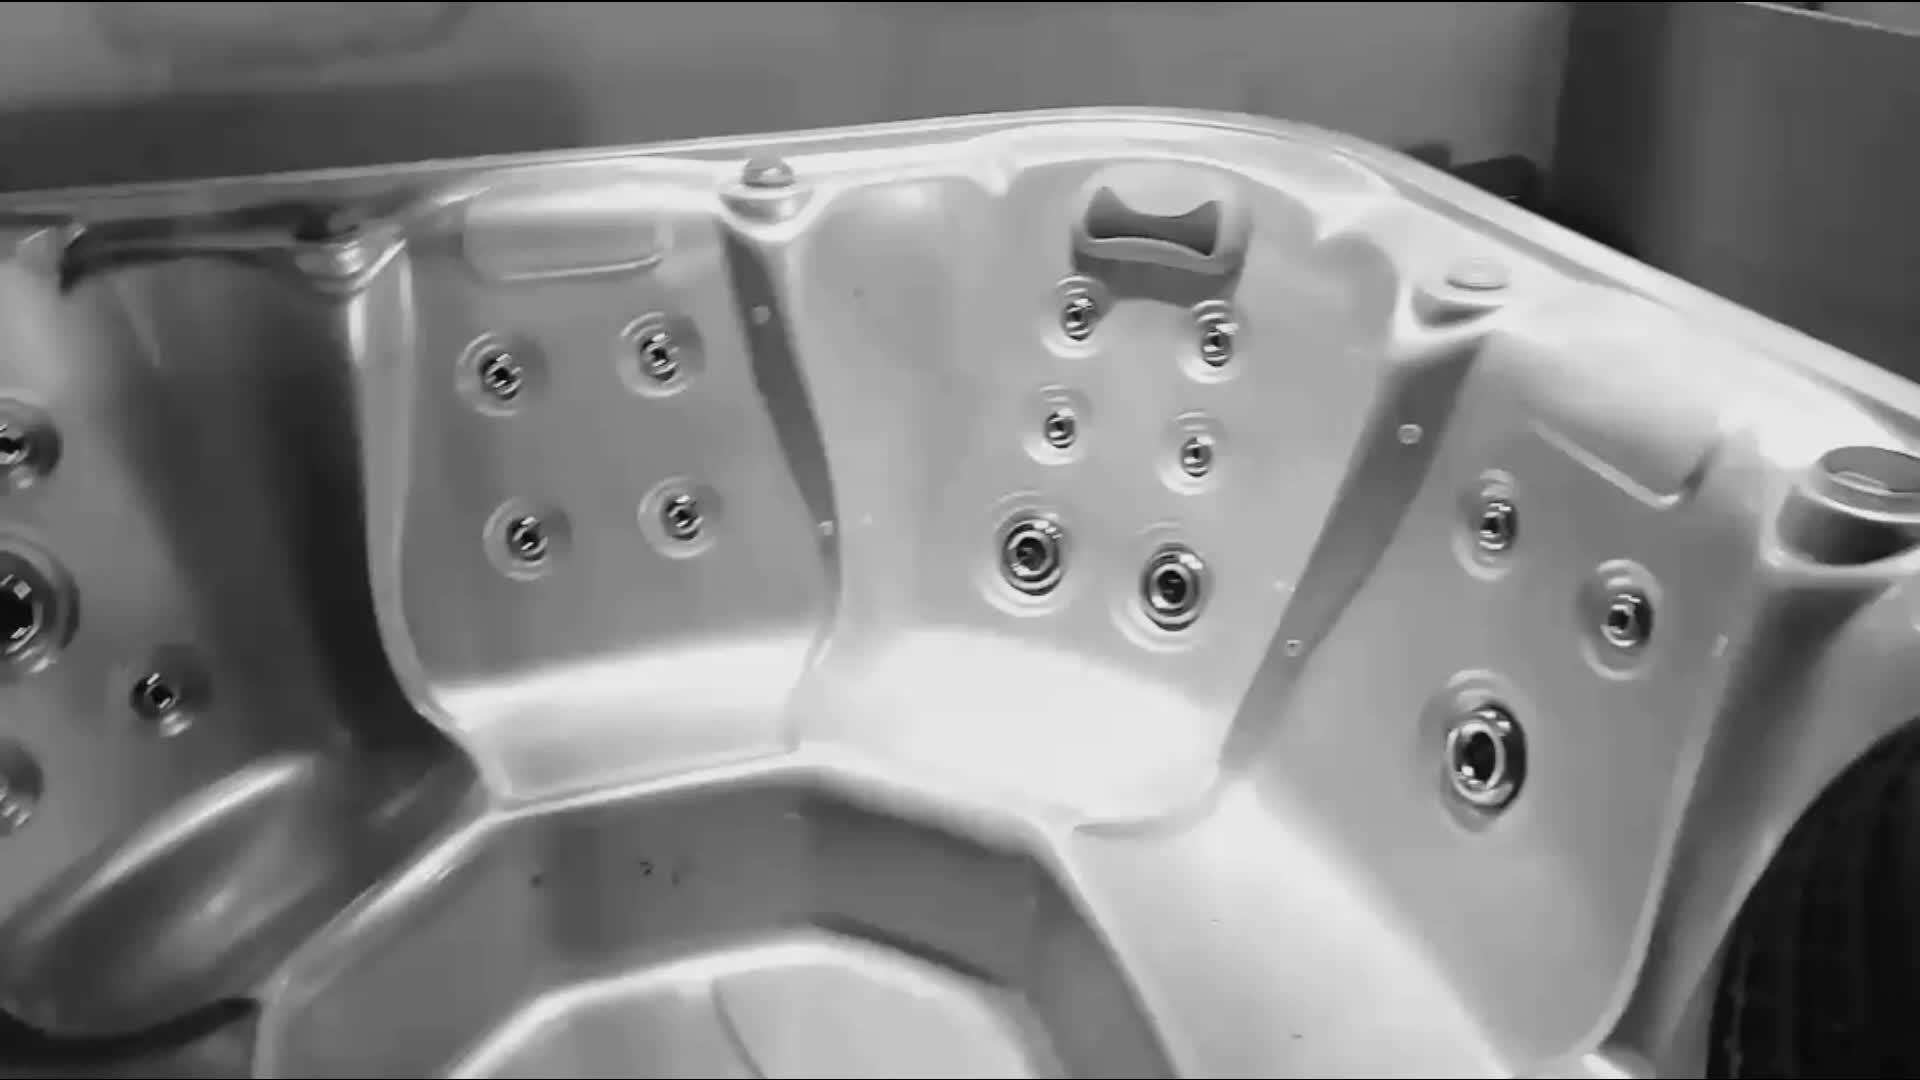 Sunrans nhà máy giá 5 người sử dụng massage ngoài trời bồn tắm nước nóng